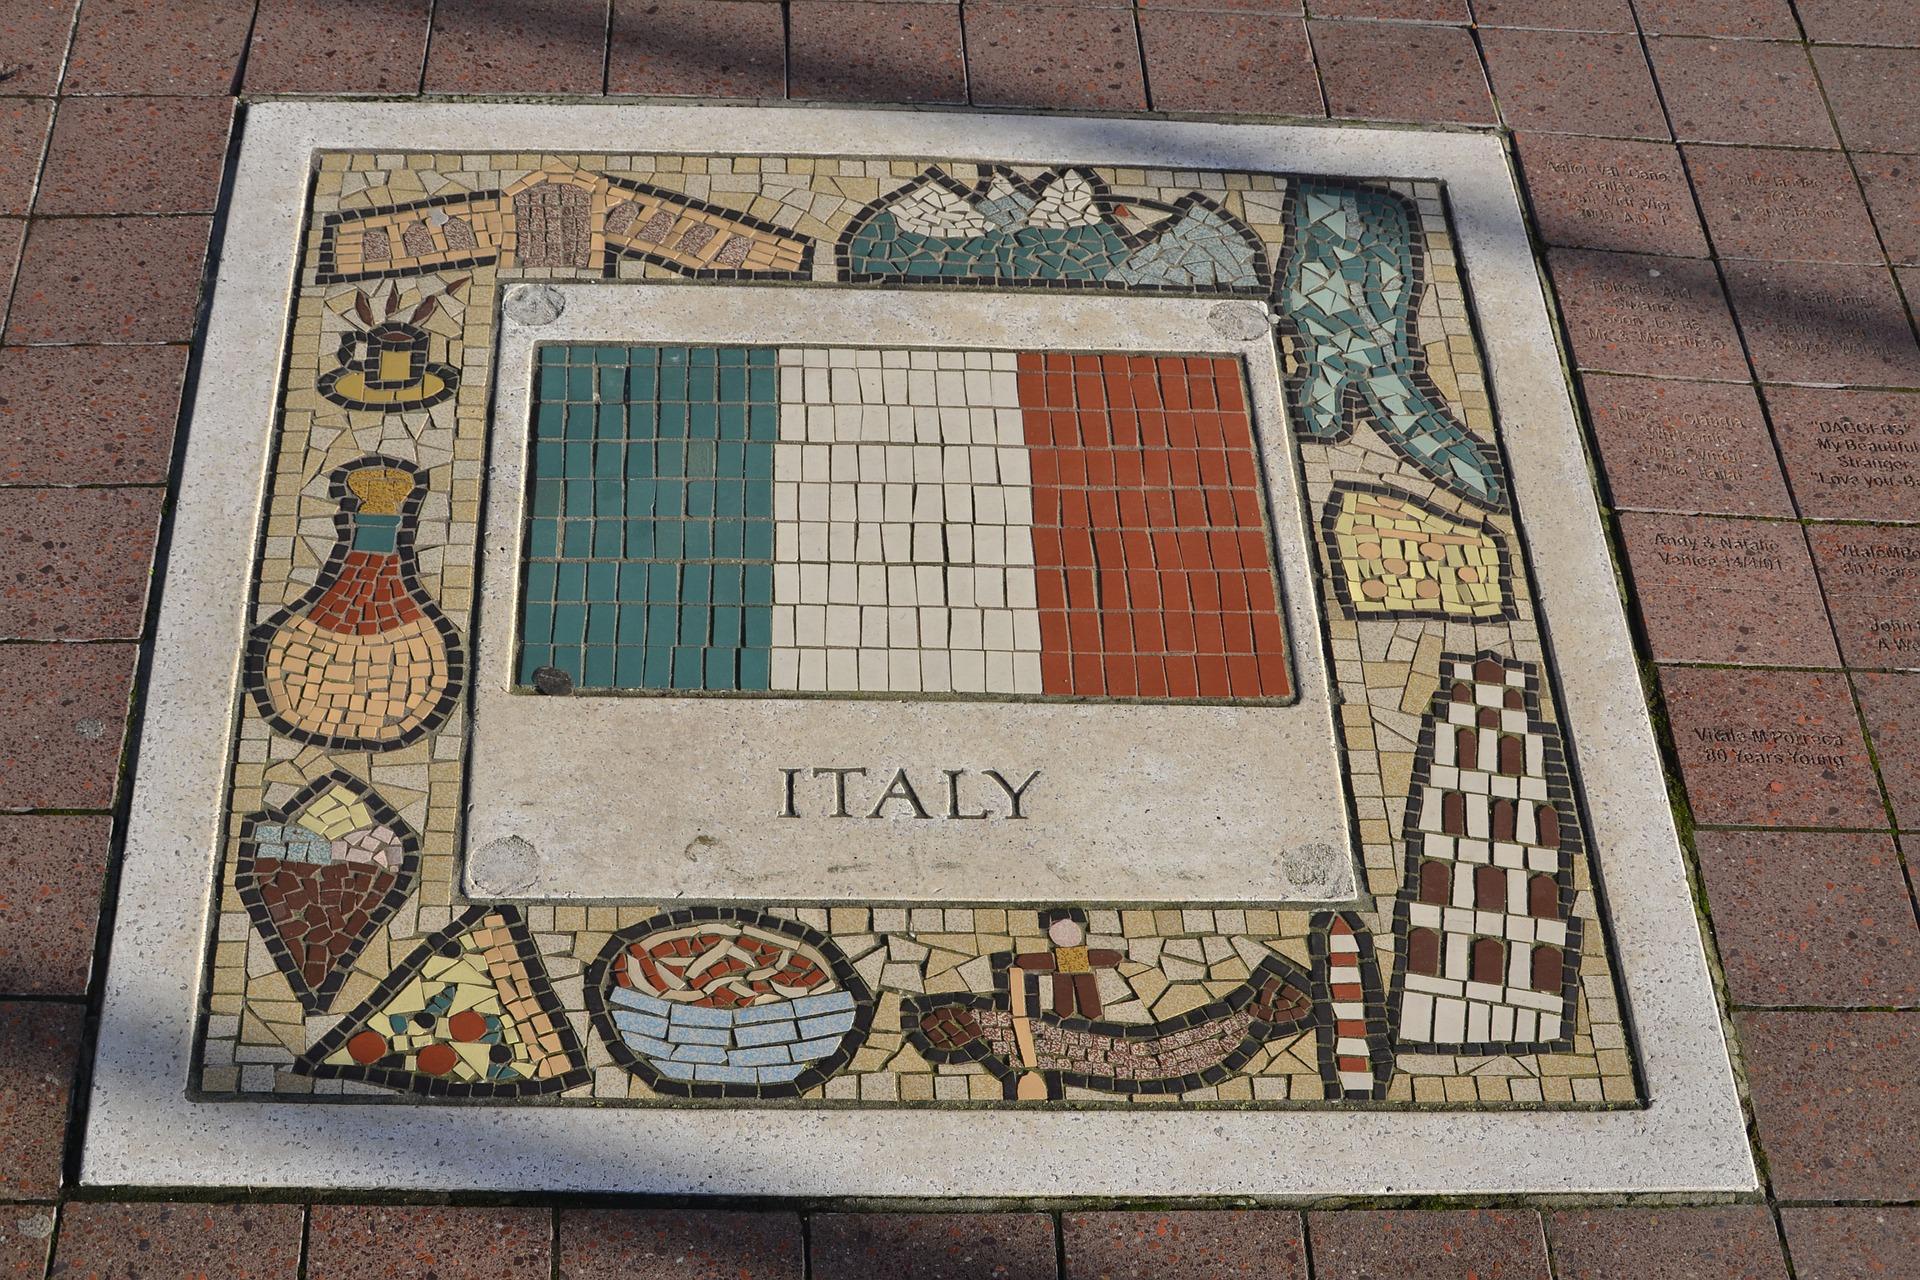 Italie : l'interdiction des publicités sur les paris peut-elle nuire au football?